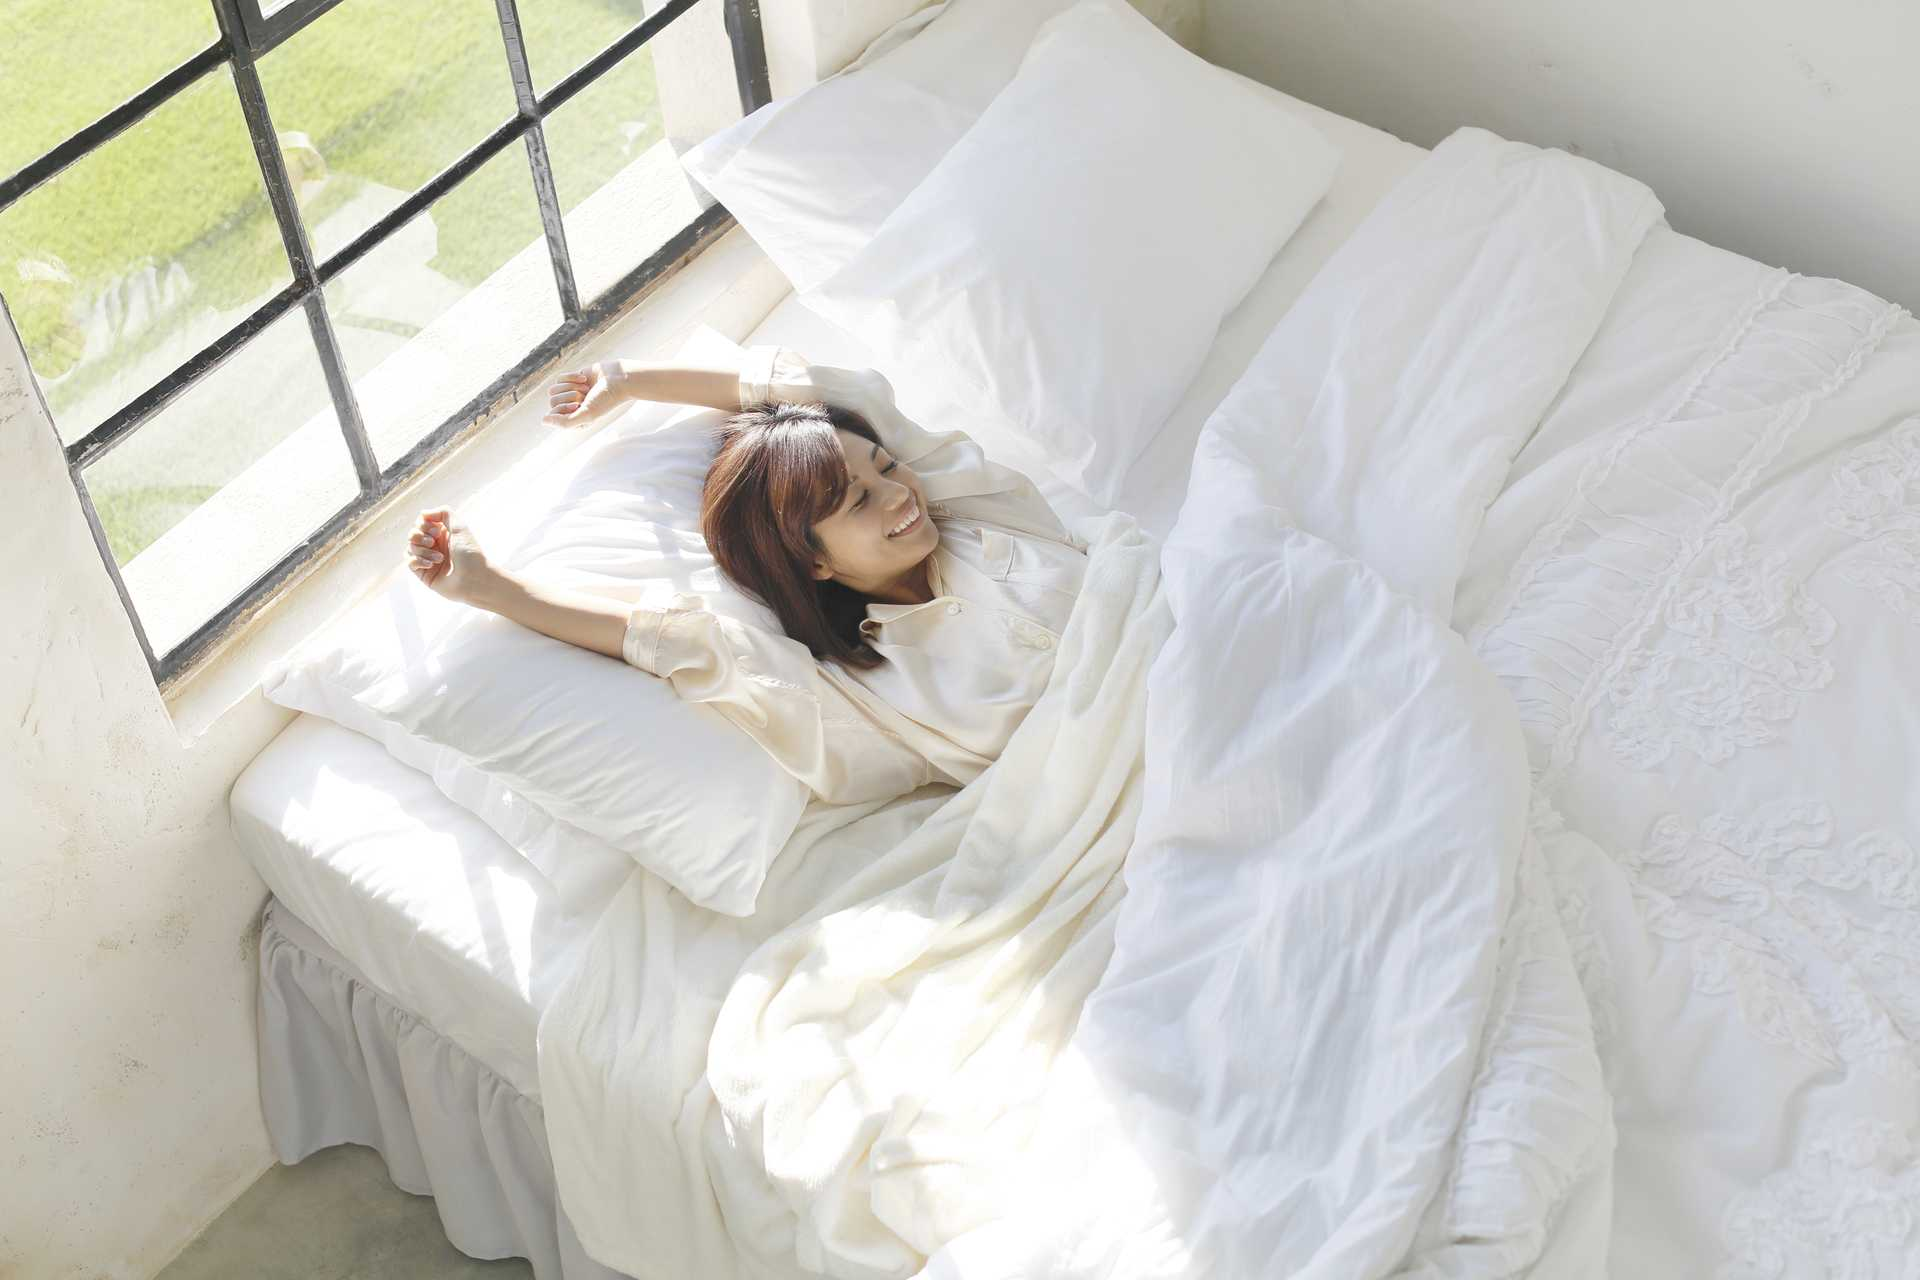 ほのかな朝日で、自然に目覚める。 | のんびり気楽に生きる30の心の習慣